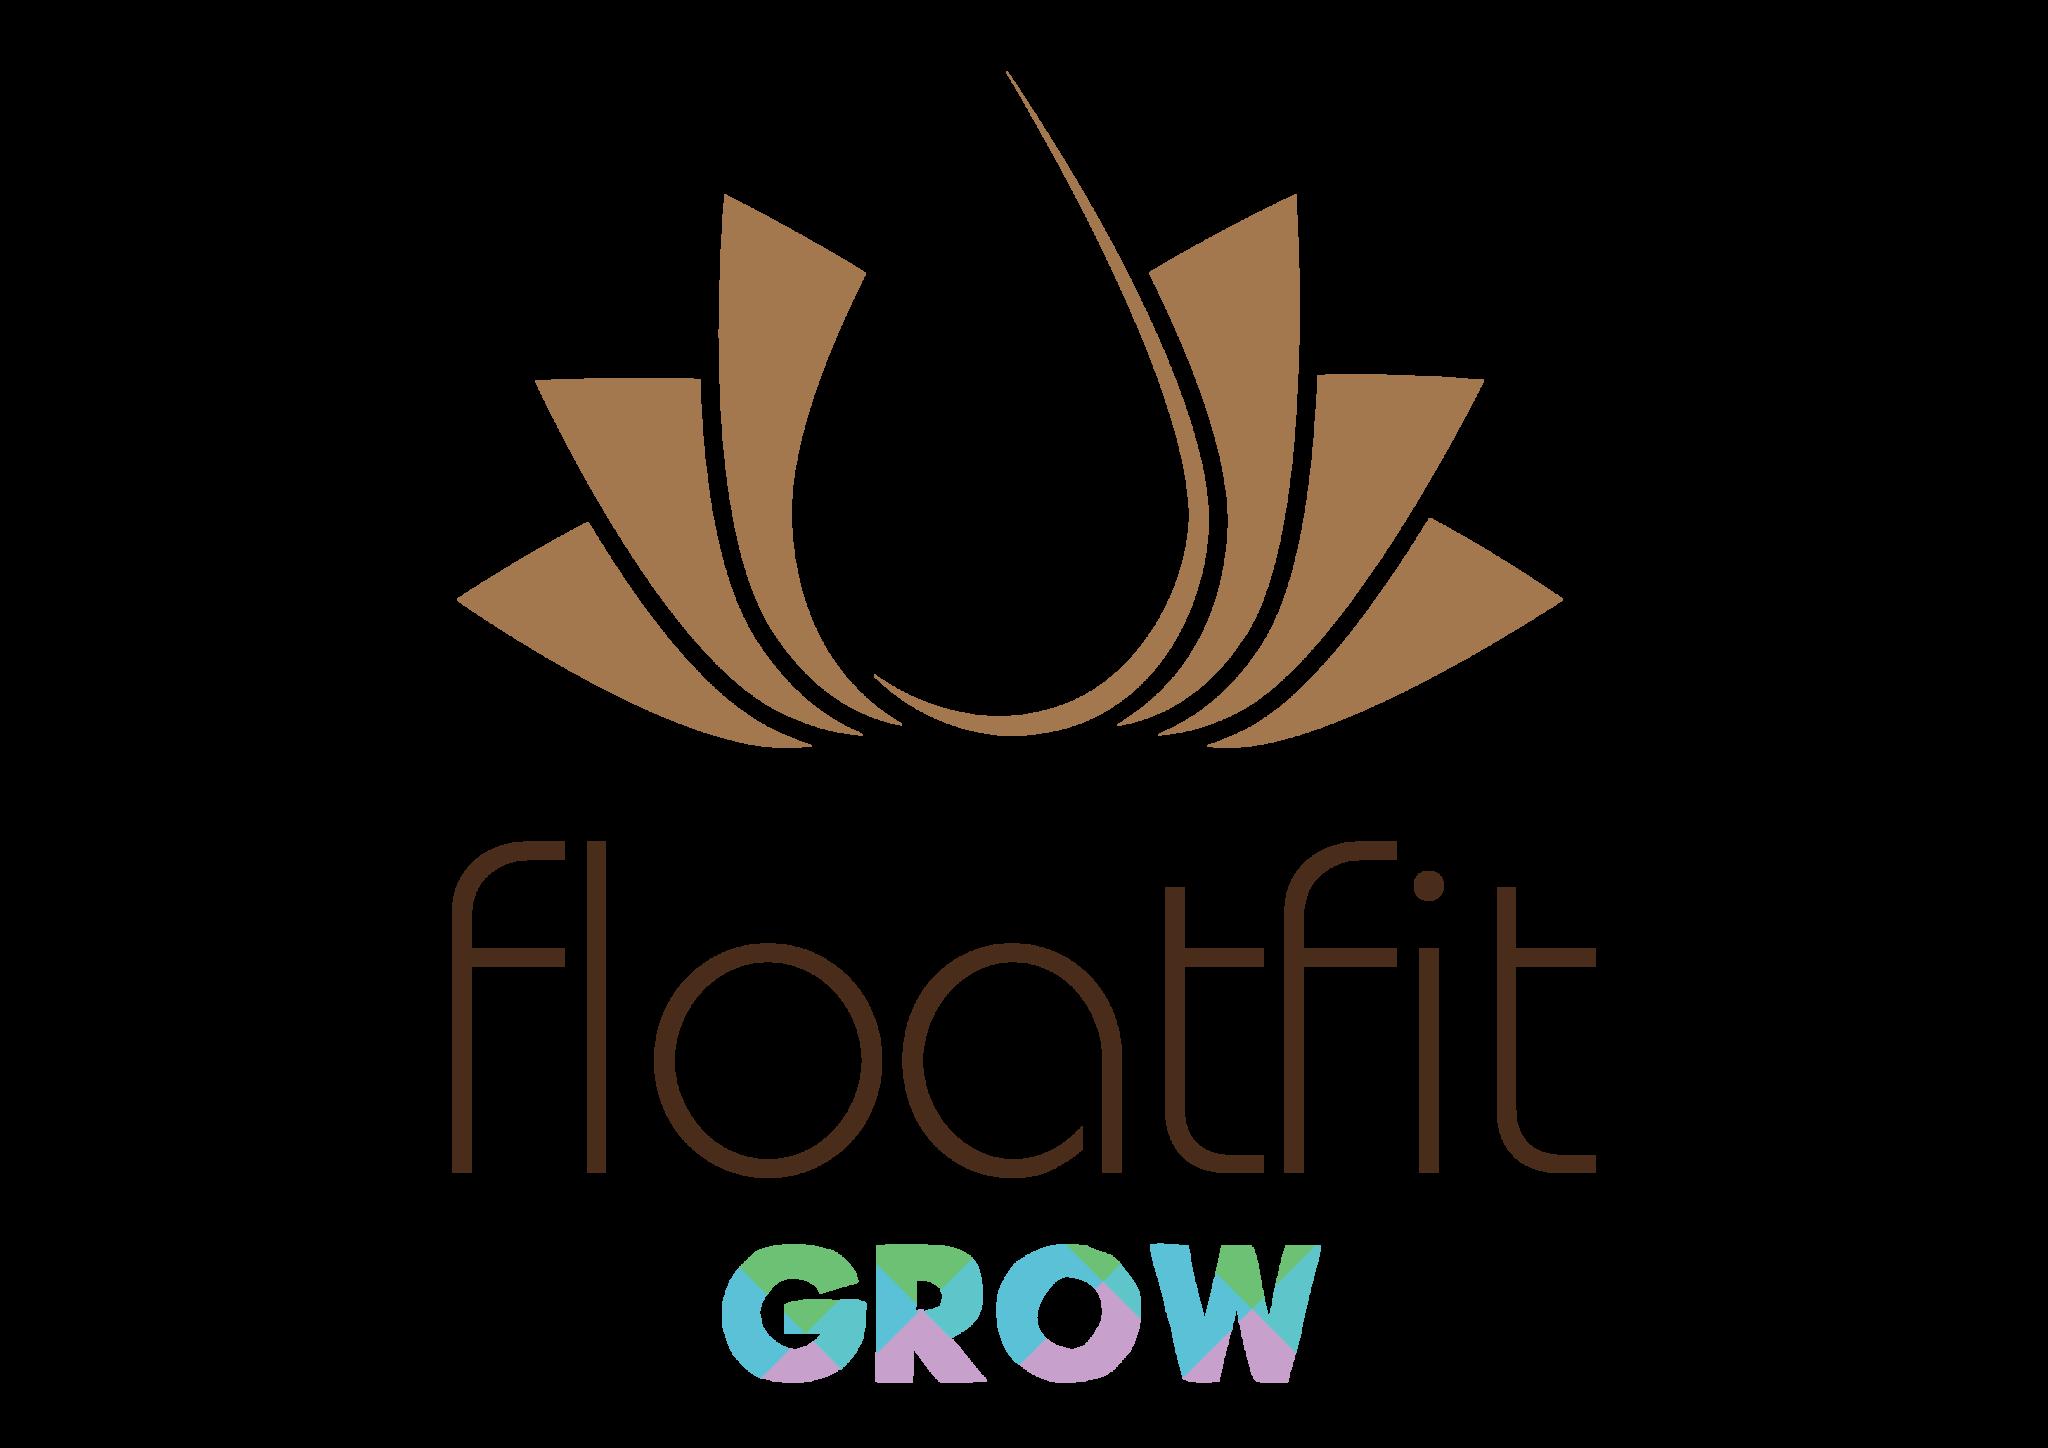 FloatFit-GROW-Colour-Logo-Online-Portal